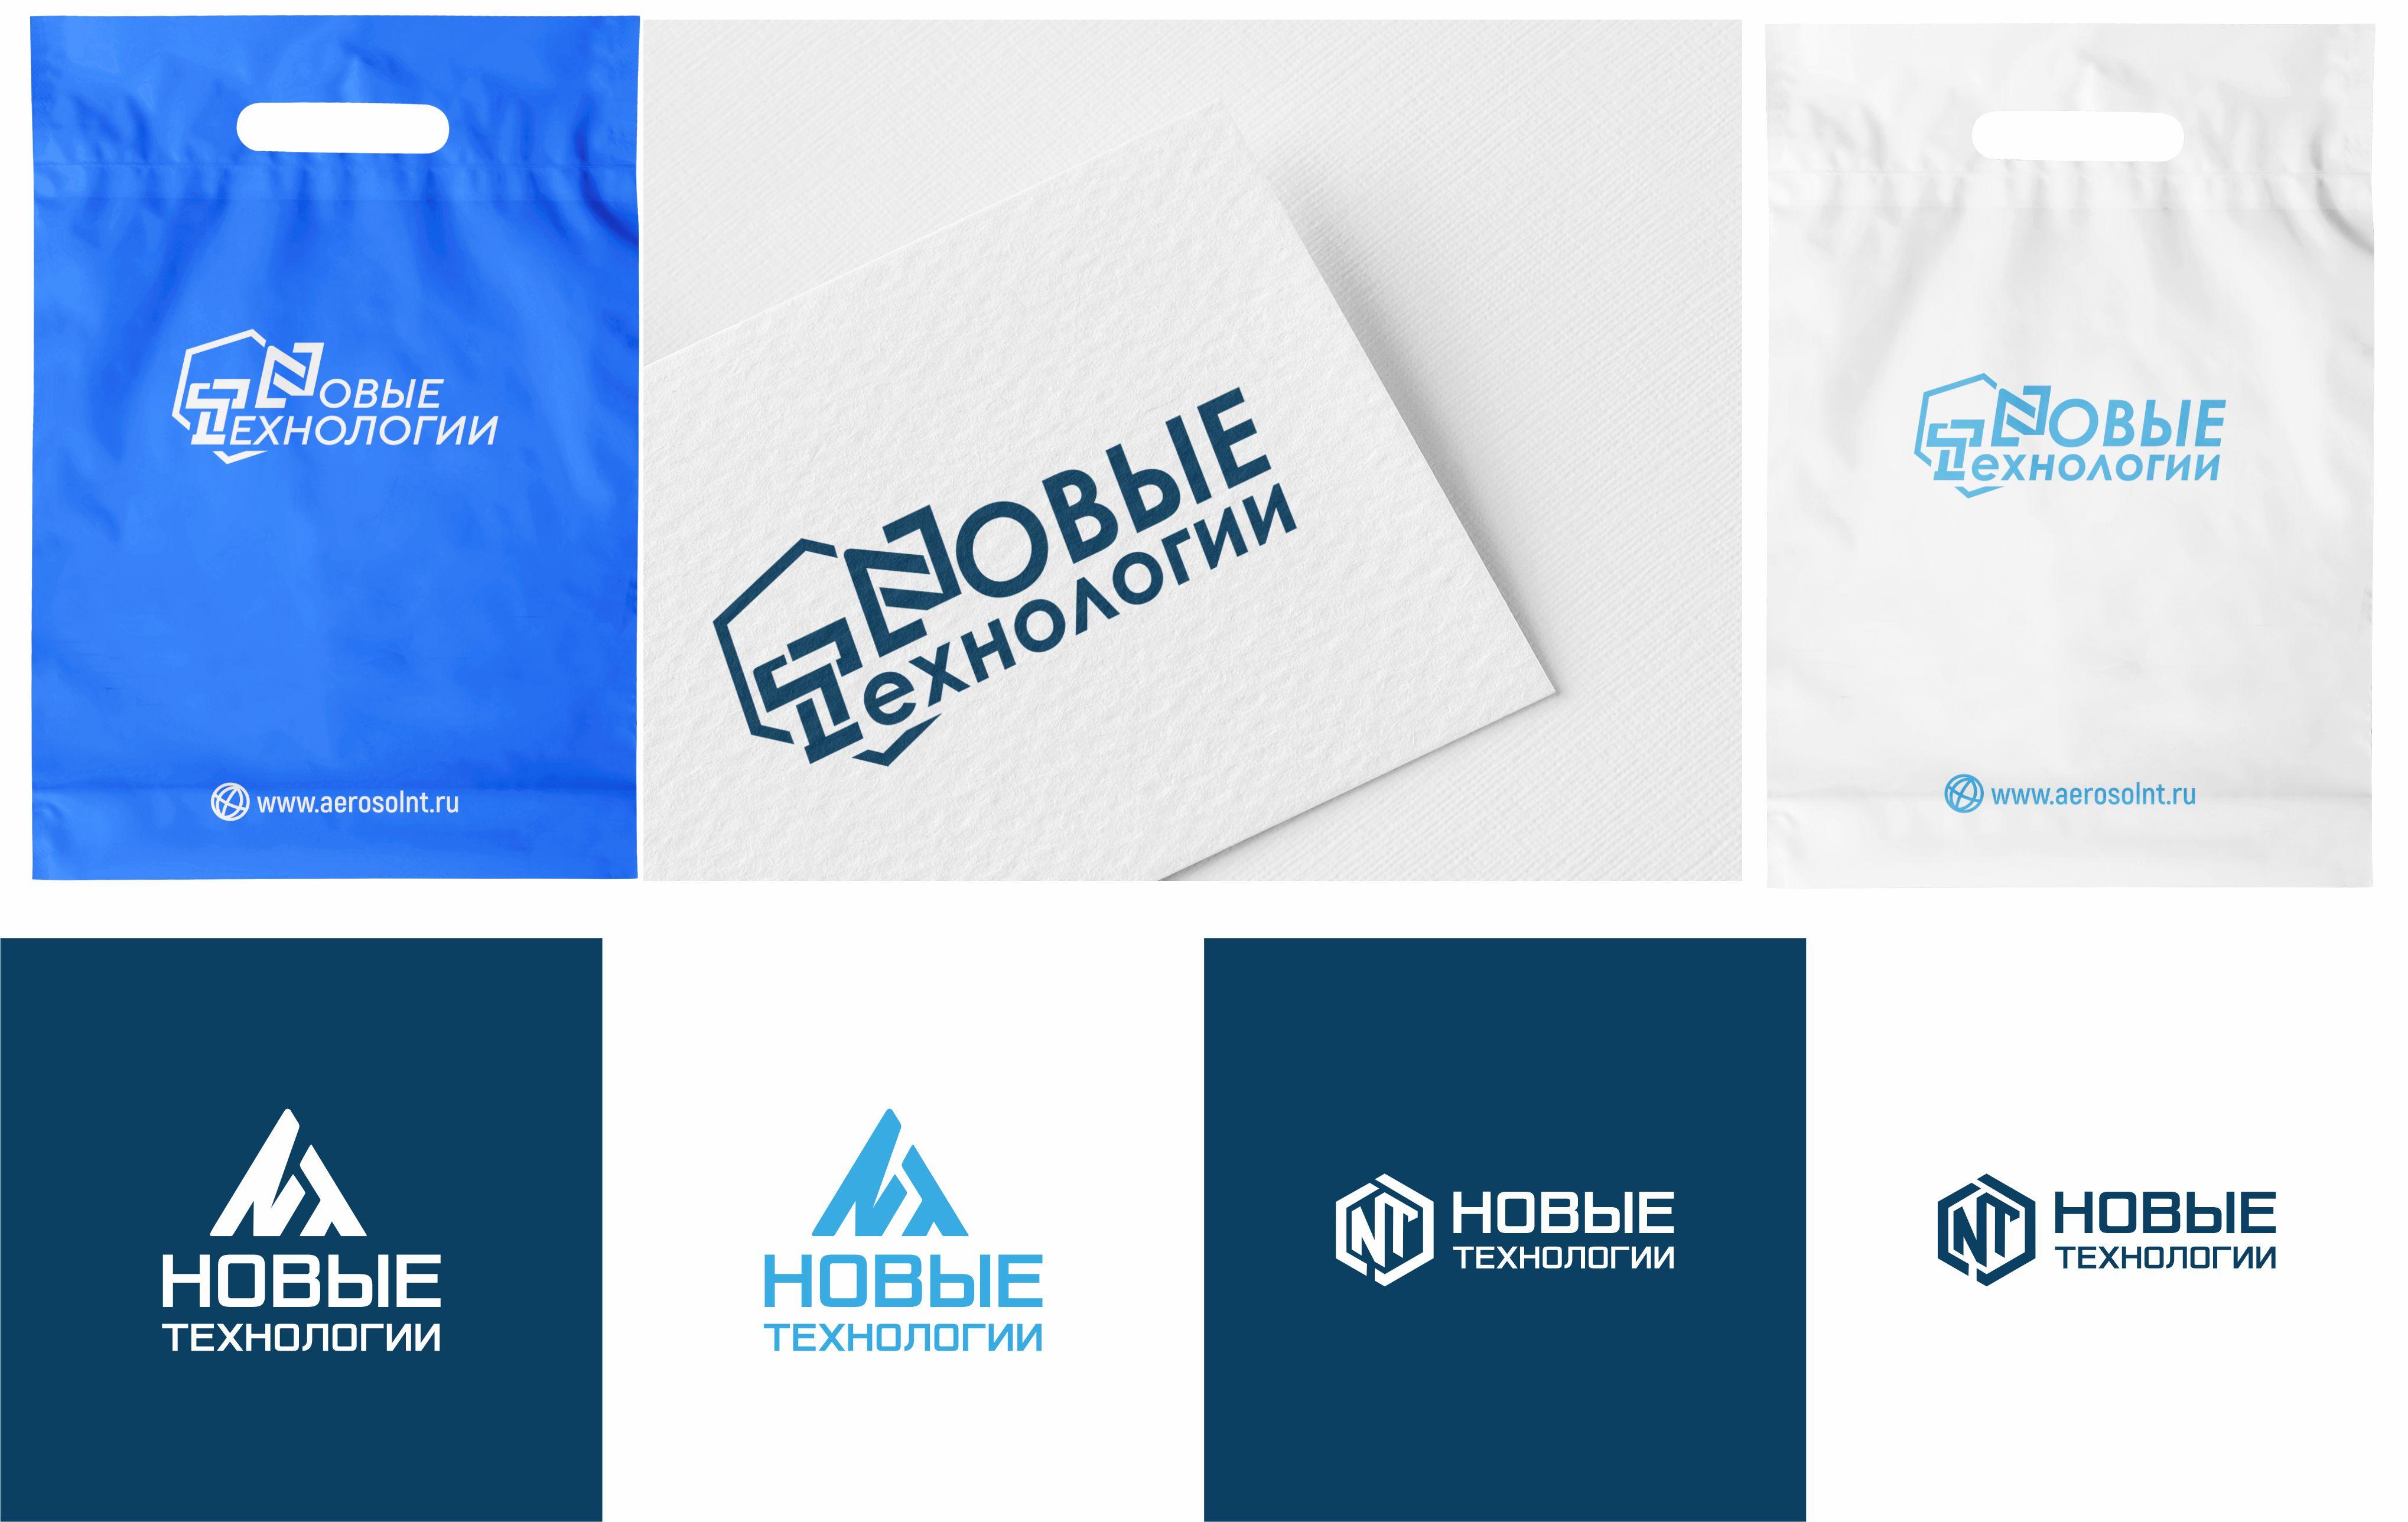 Разработка логотипа и фирменного стиля фото f_0965e89ca217c7cd.jpg